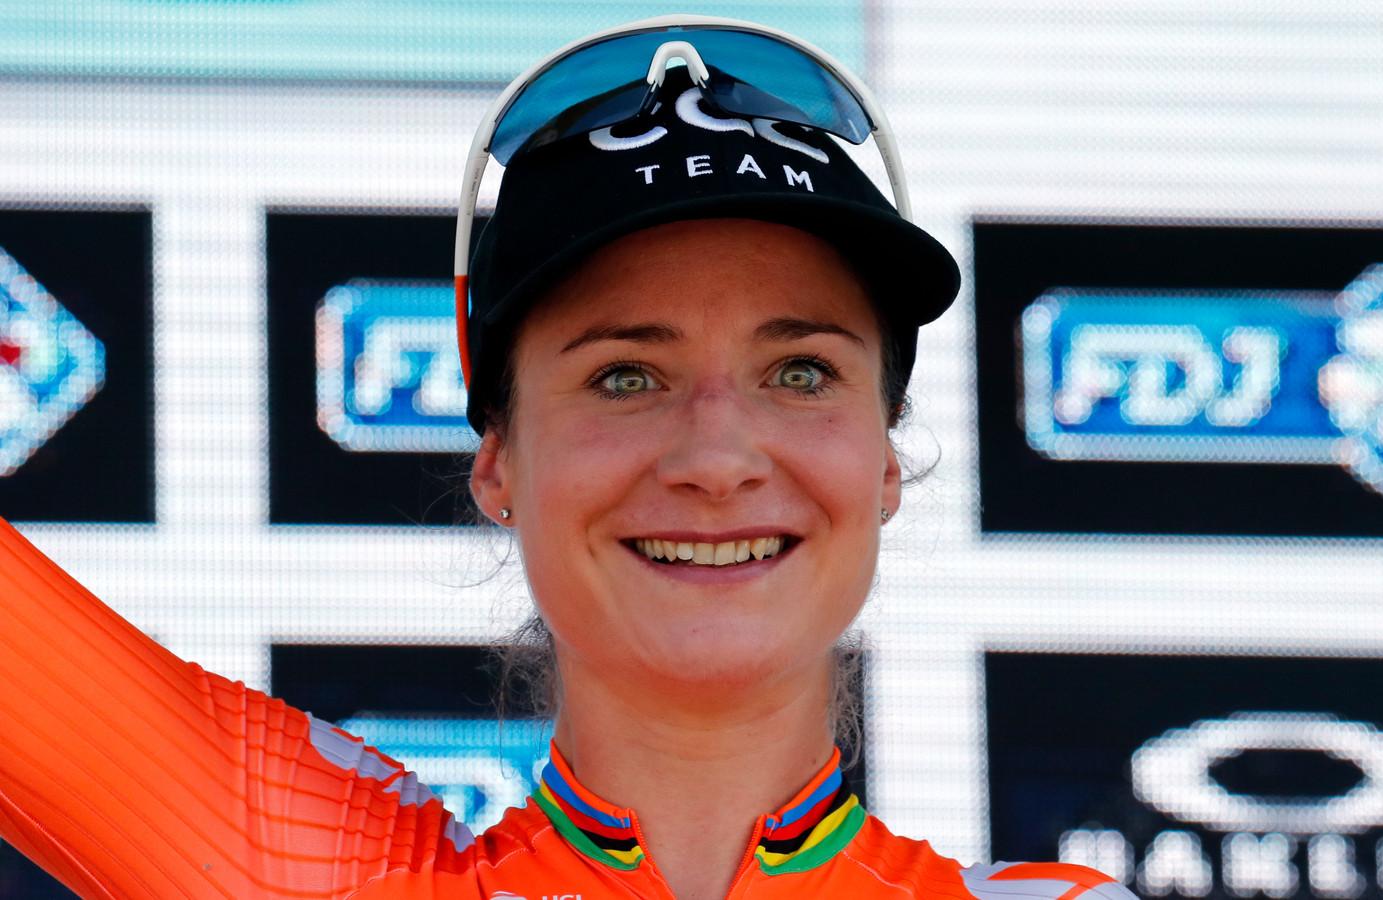 Marianne Vos zou meedoen aan de teamestafette, maar neemt door een lichte blessure geen risico's voor de wegwedstrijd van zaterdag.